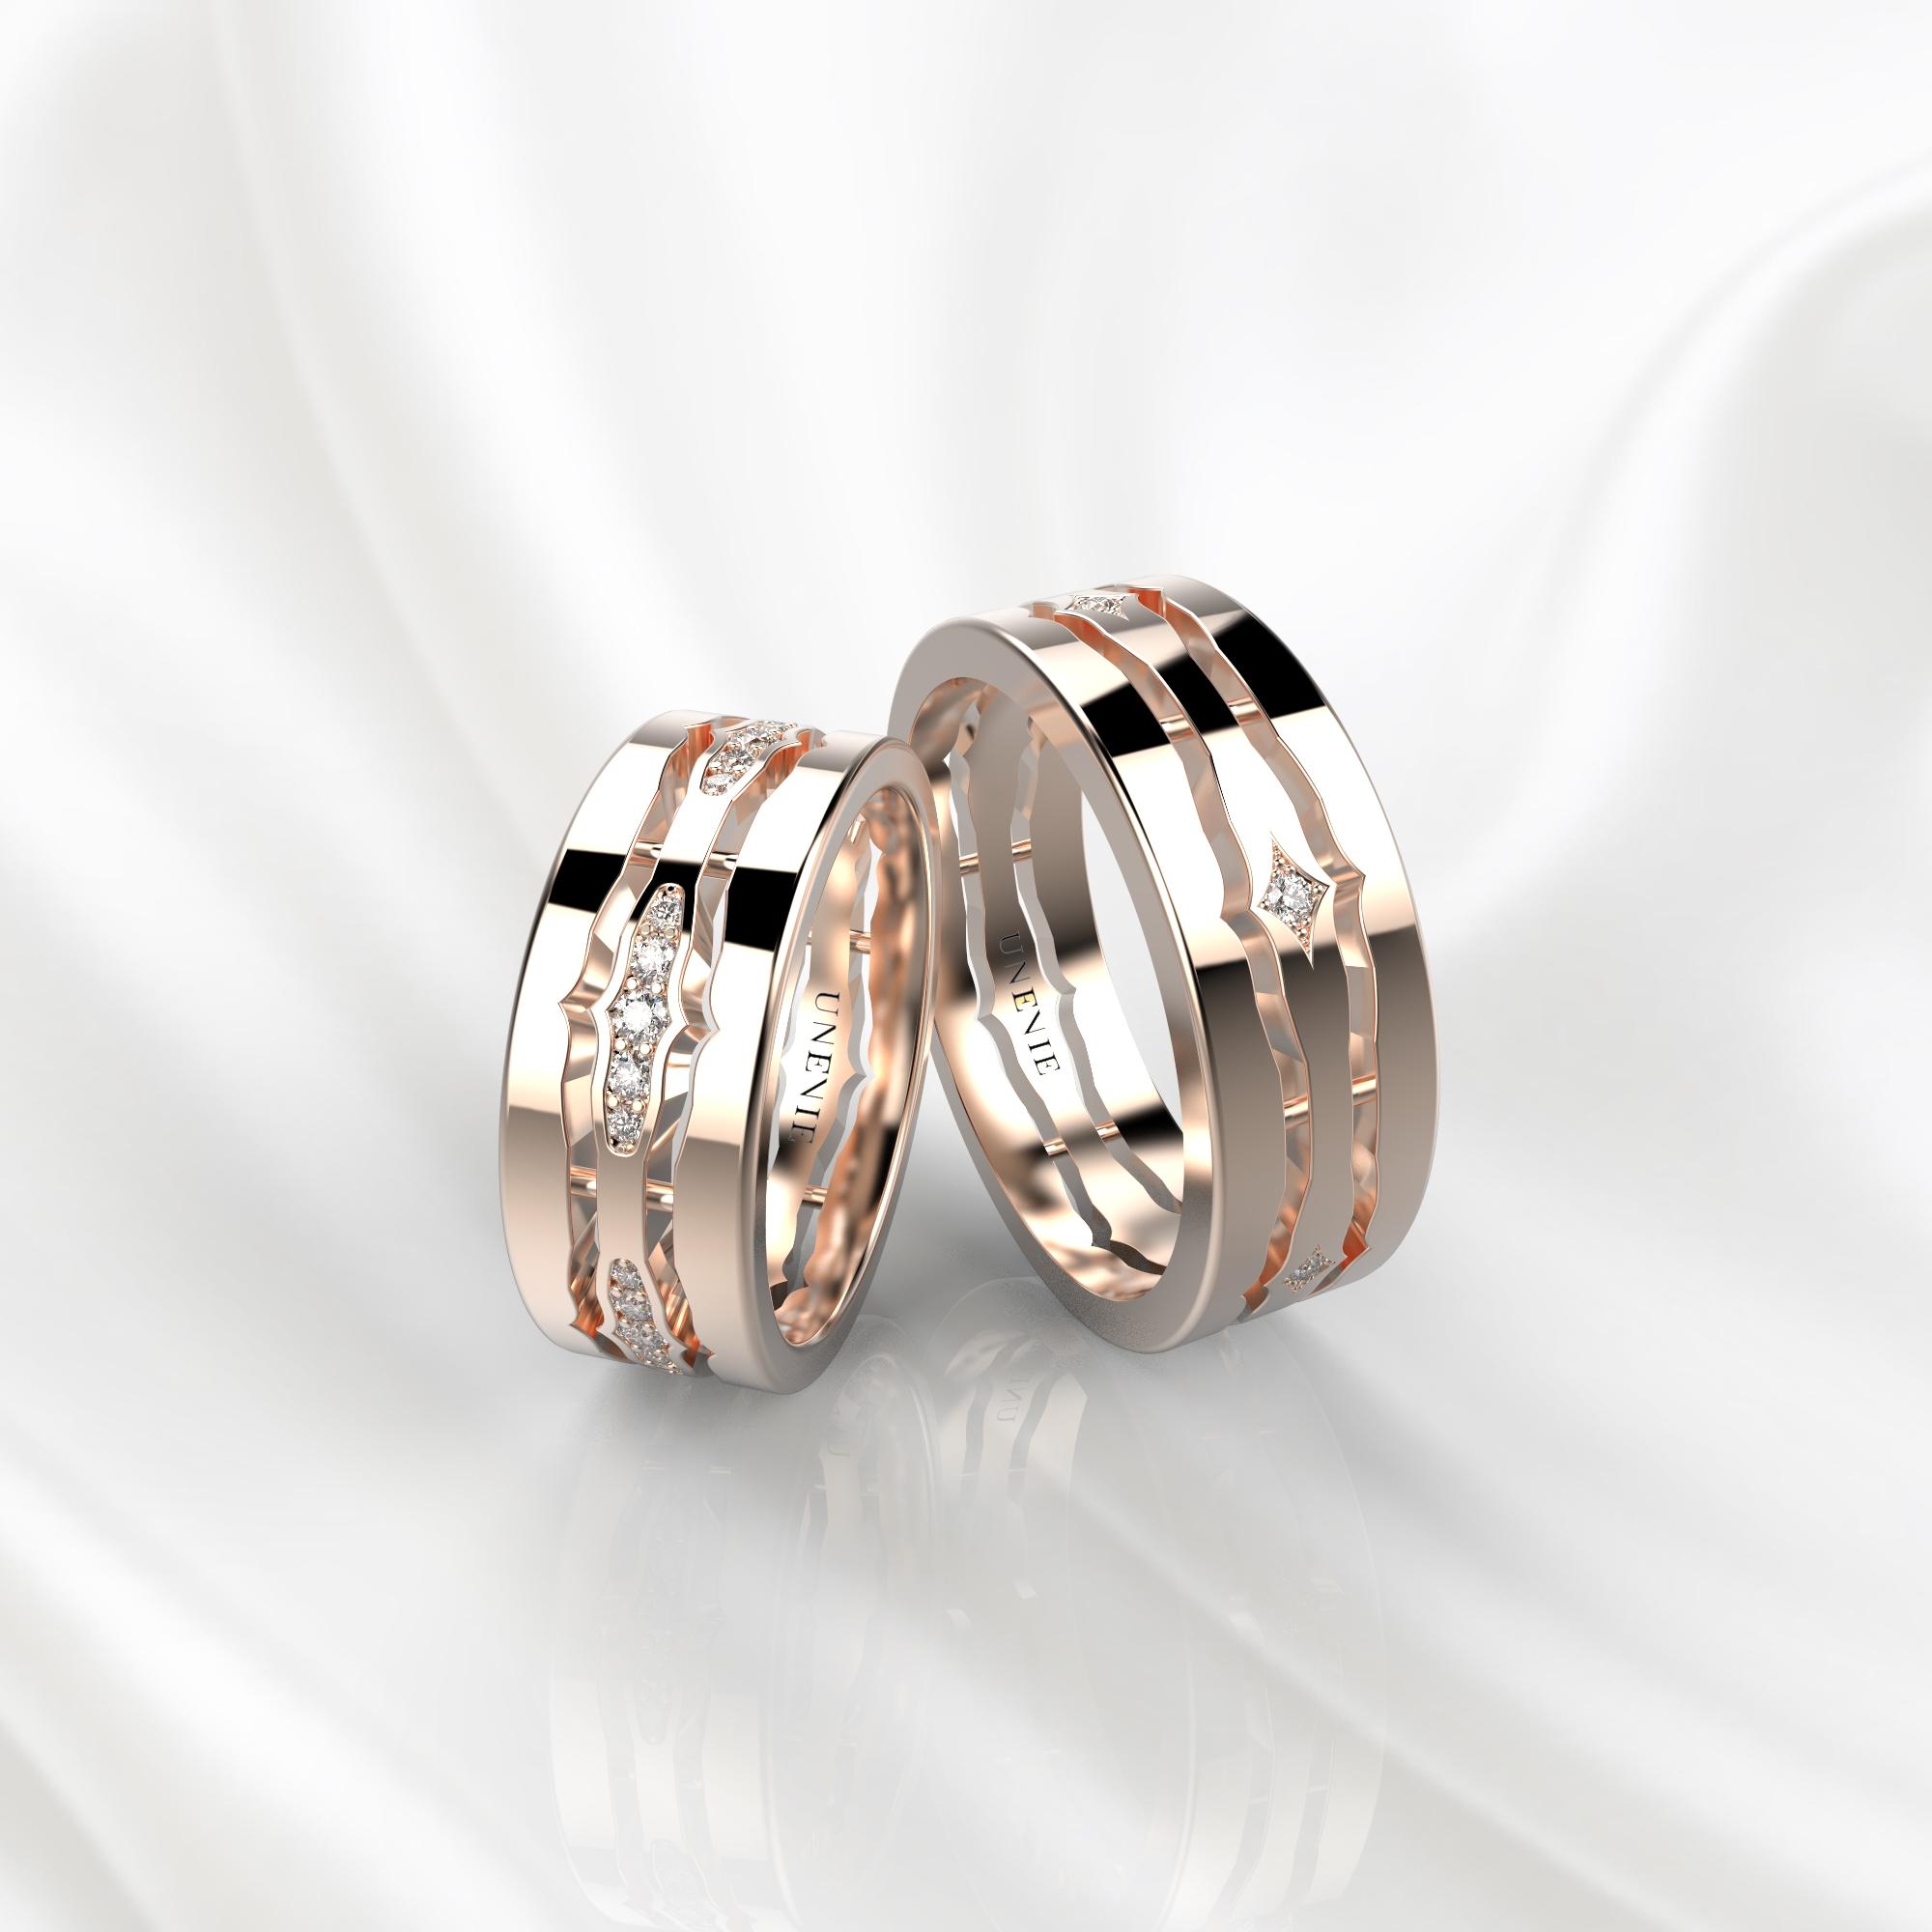 NV48 Парные обручальные кольца из розового золота с бриллиантами